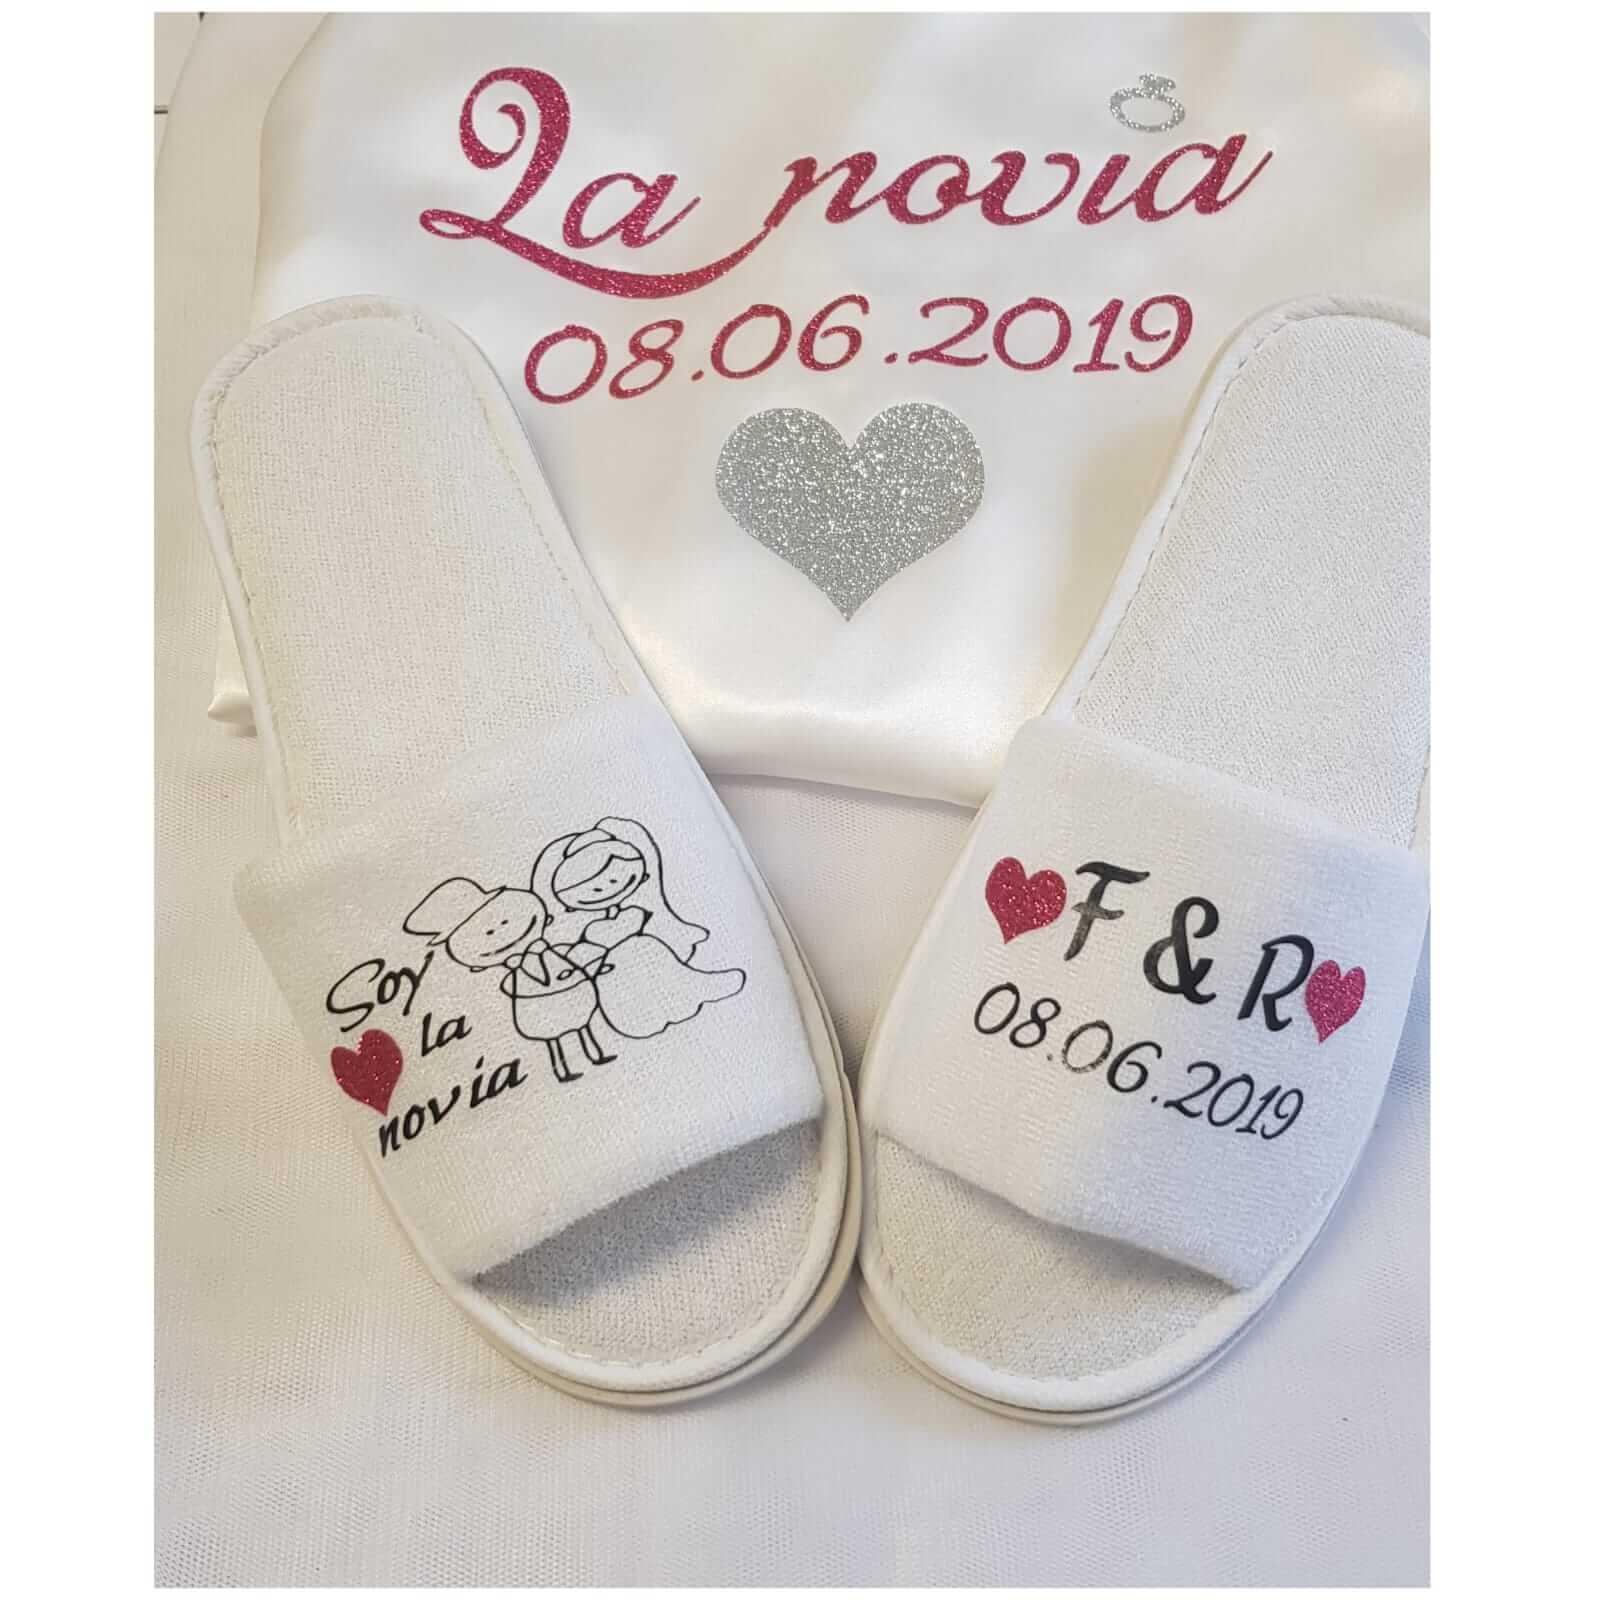 zapatillas personalizadas novia boda zapatillas personalizadas novia - zapatillas personalizadas novia boda 1 - Bata personalizada y Zapatillas personalizadas